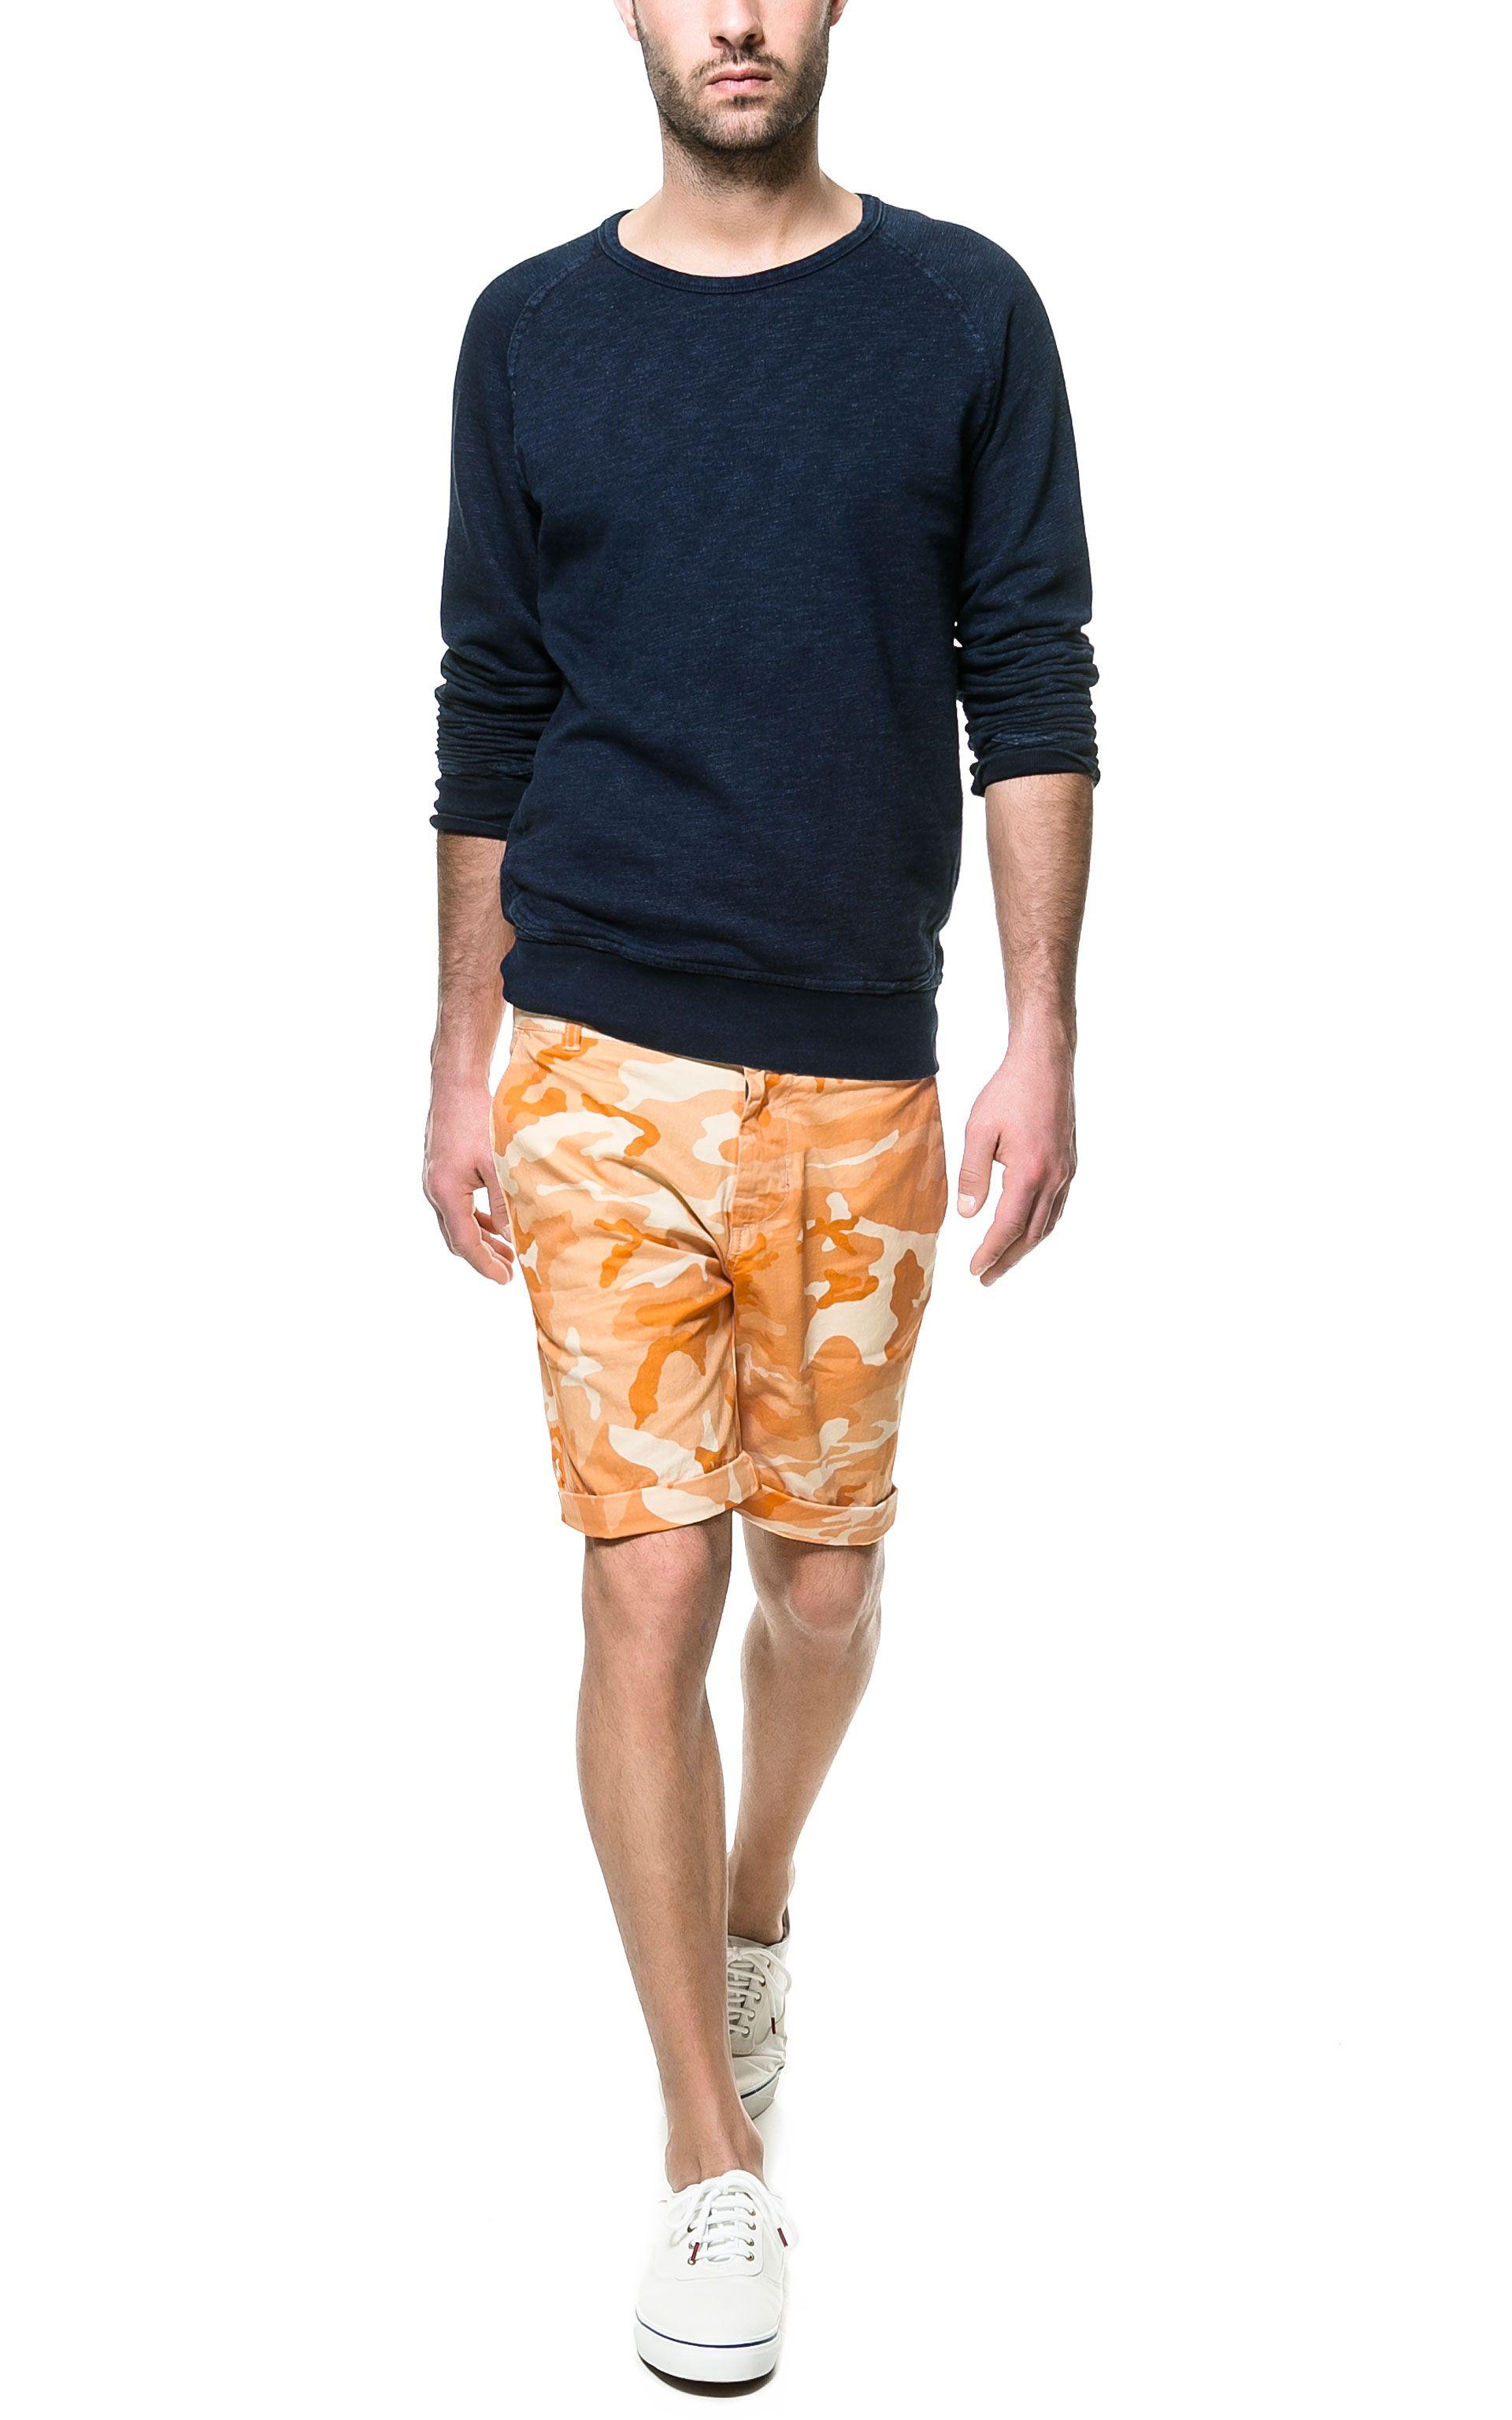 Rebajas Zara Hombre Invierno 2020 | Pantalones estampados